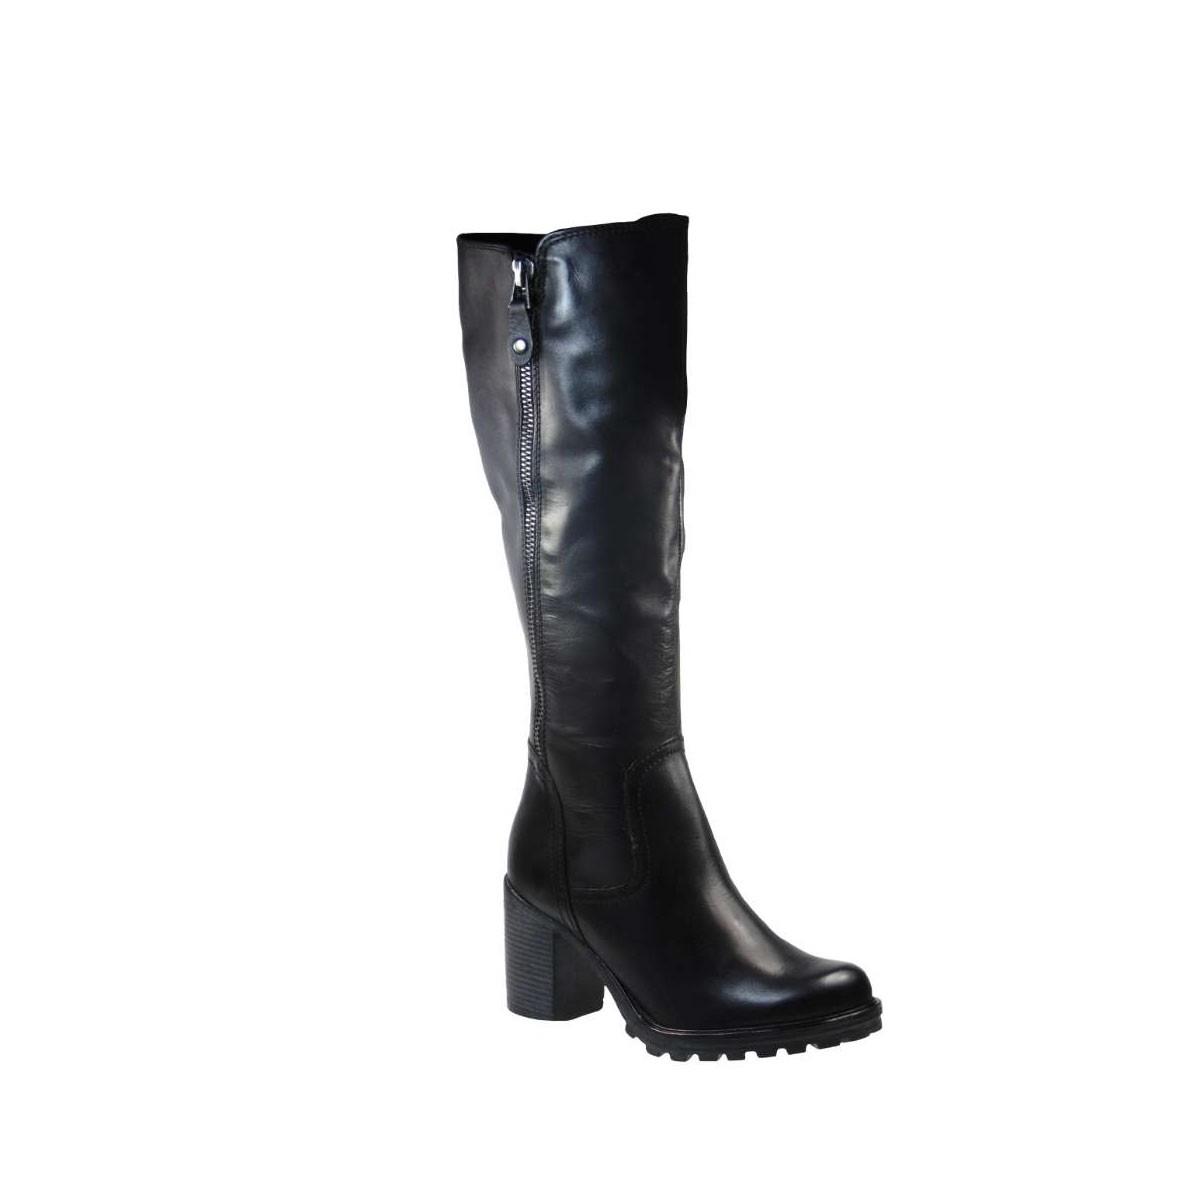 Μarco Tozzi 25623-21 002 Casual Ανατομική Μπότα Από Γνήσιο Δέρμα Μαύρη